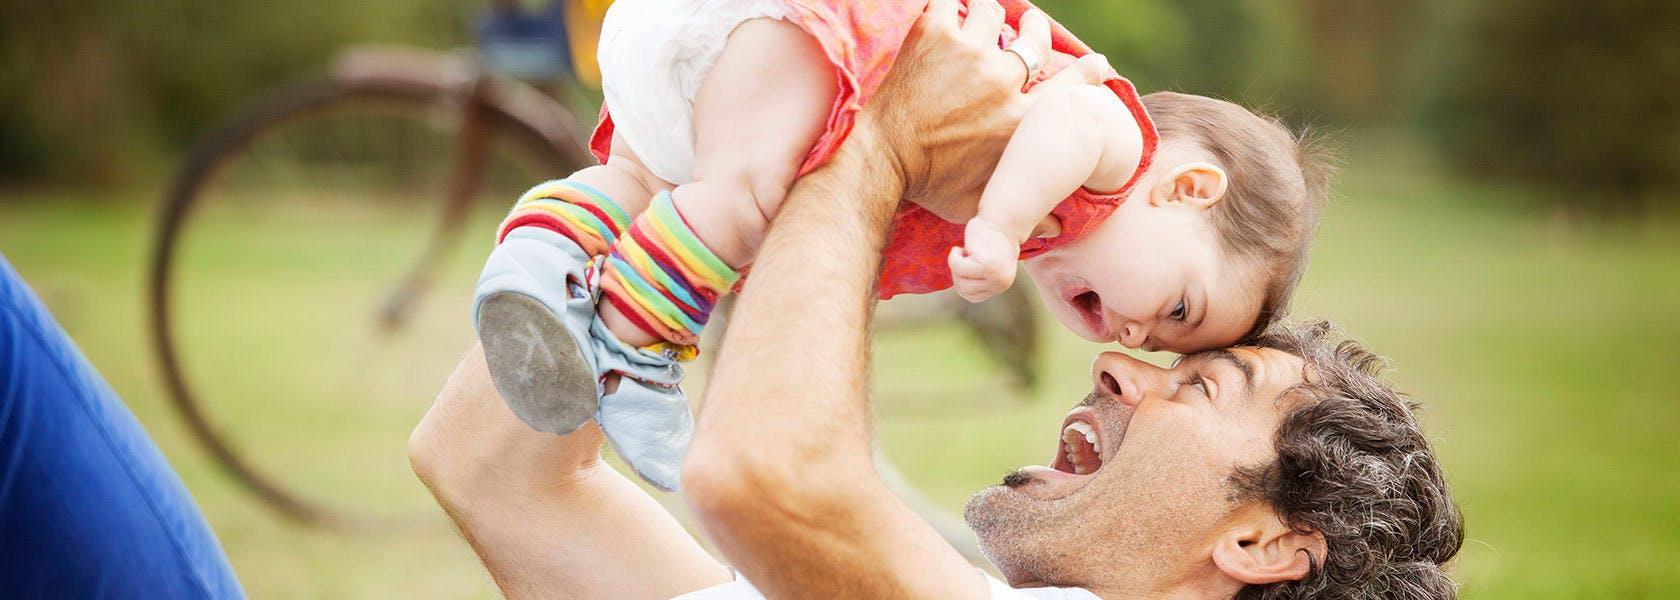 Cha chơi với con gái trong công viên